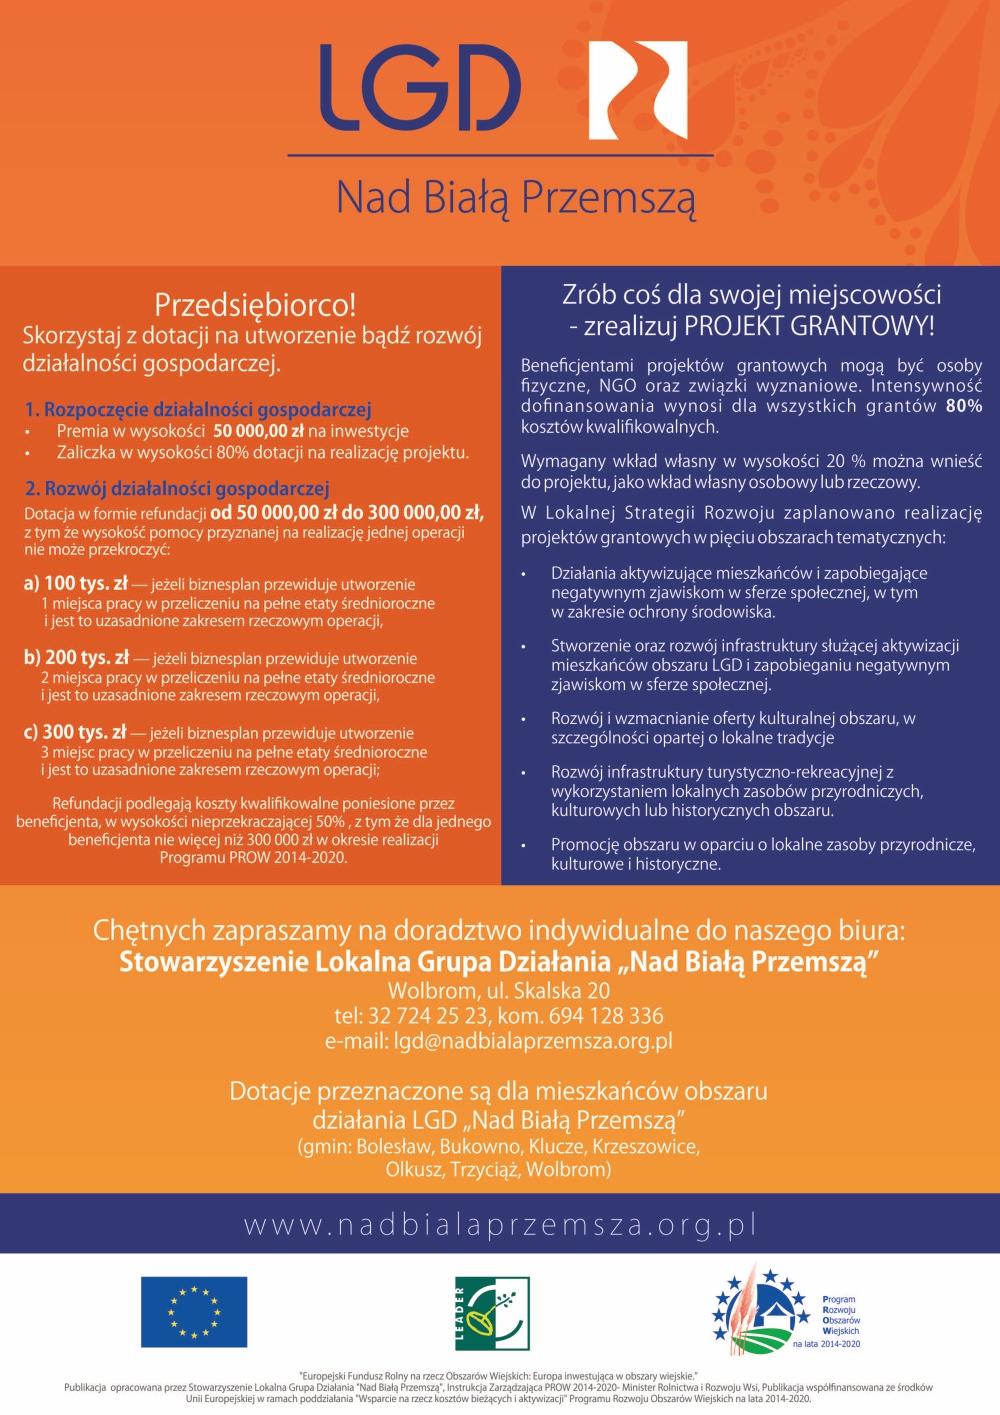 Informacja dla zainteresowanych  dofinansowaniem za pośrednictwem LGD